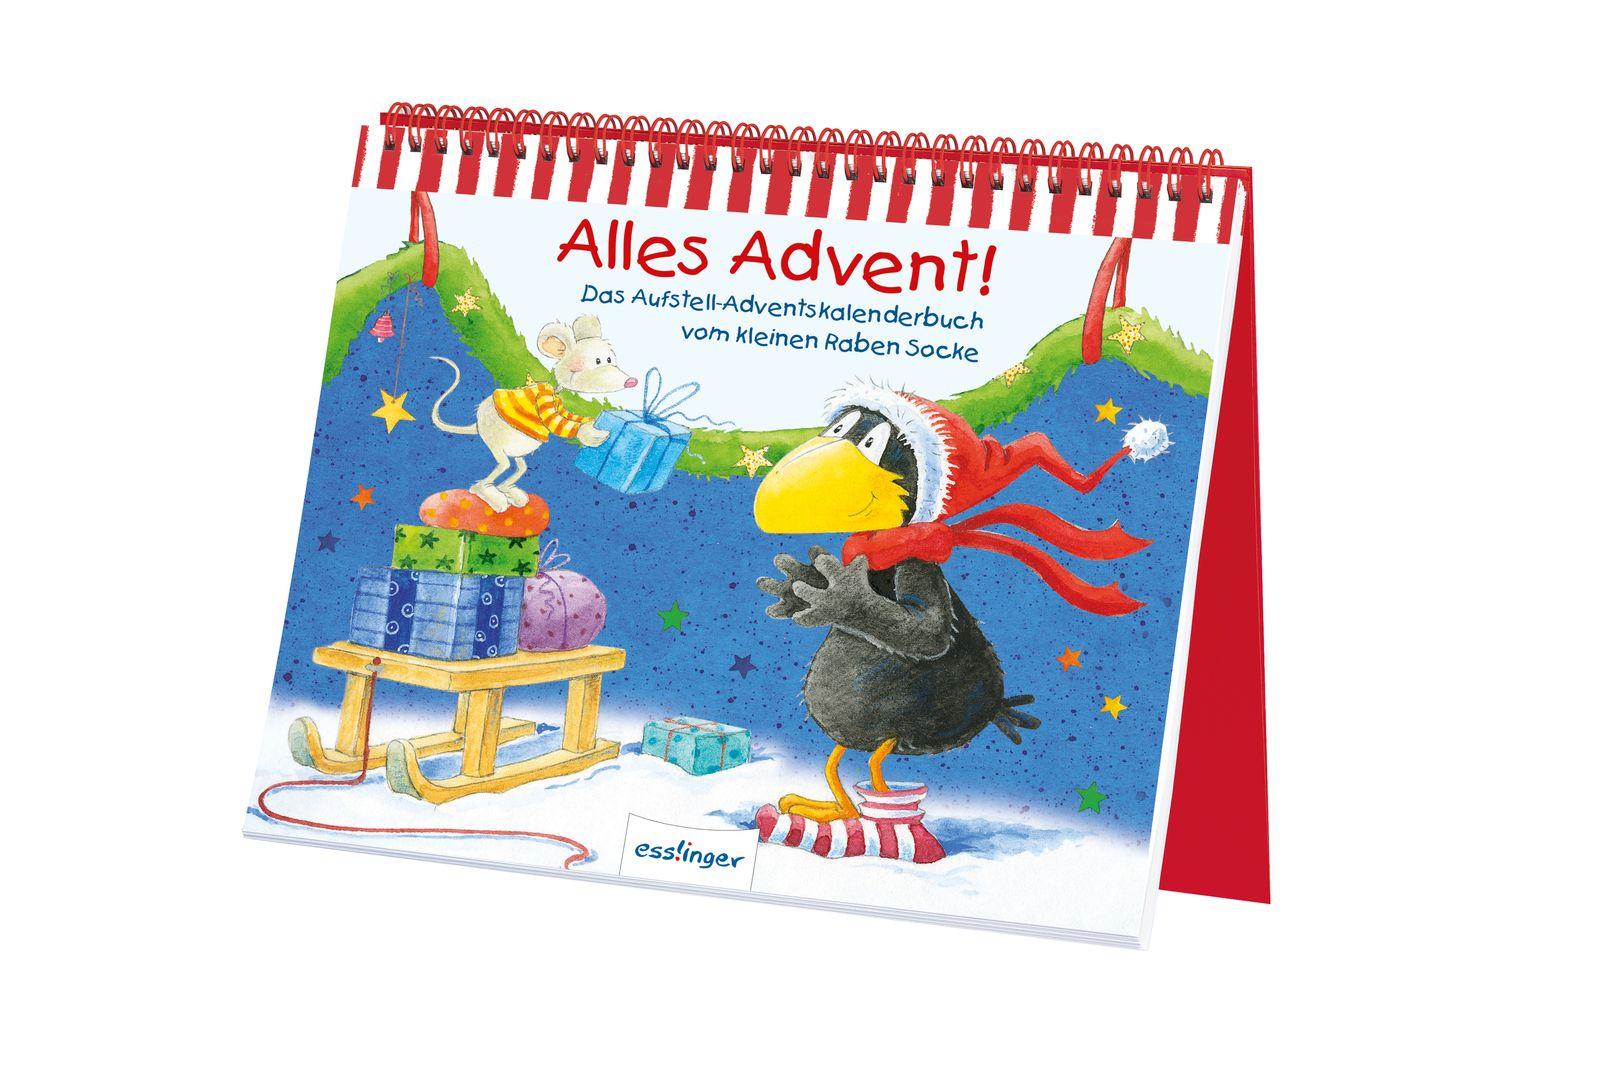 NEU-Der-kleine-Rabe-Socke-Alles-Advent-Nele-Moost-231928